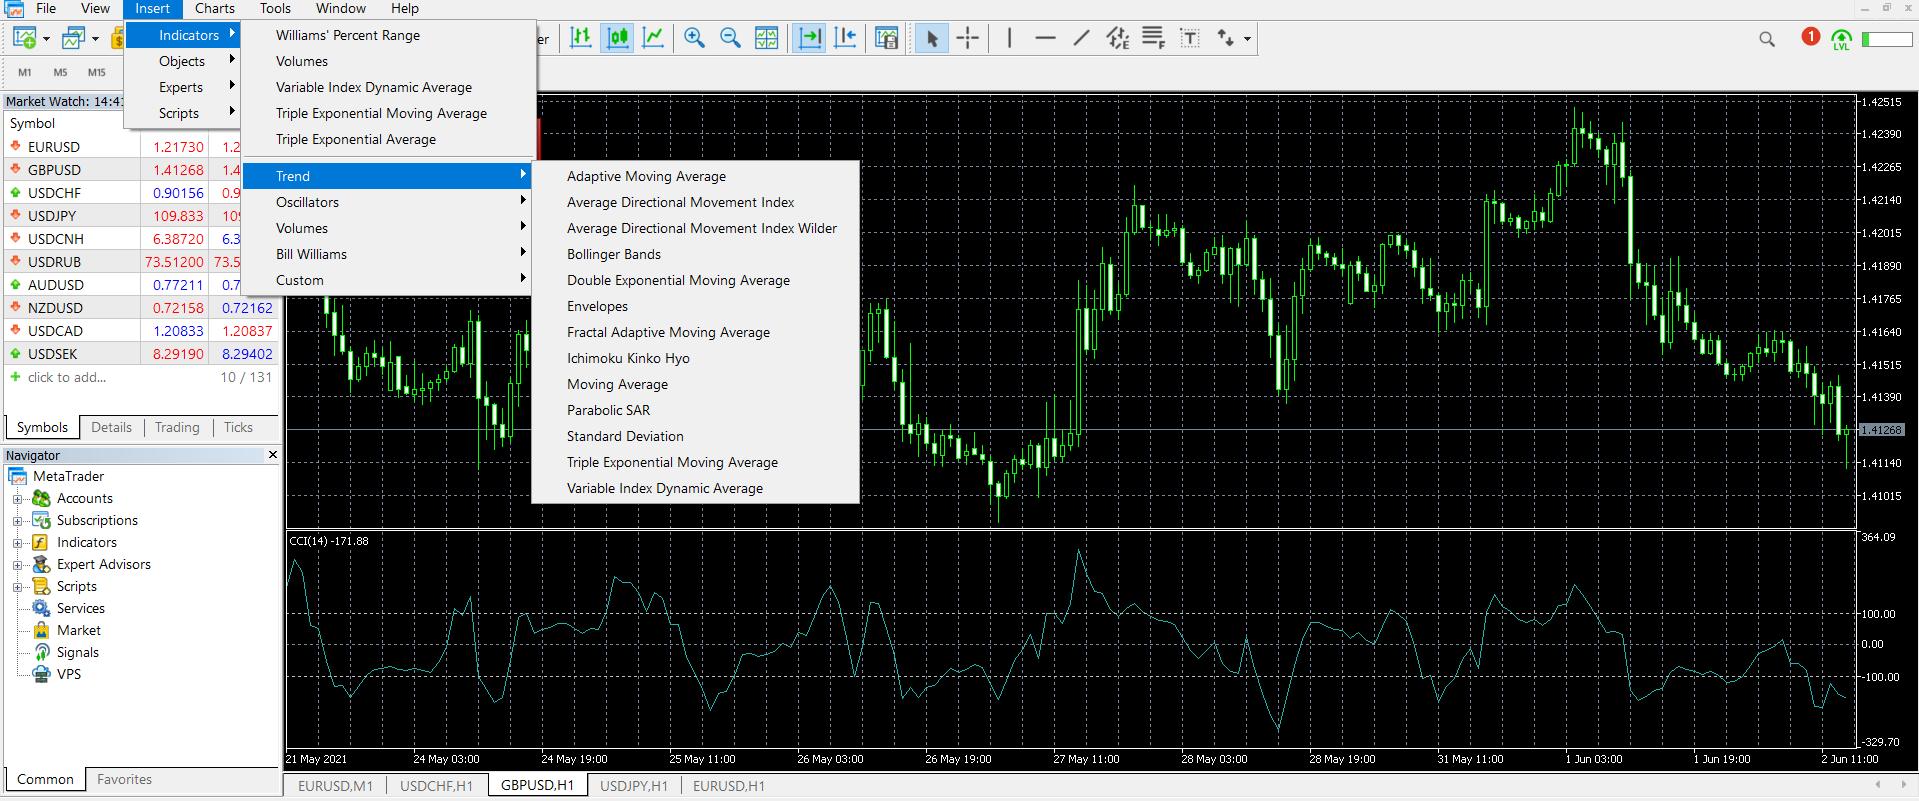 Forex indicators on MT4